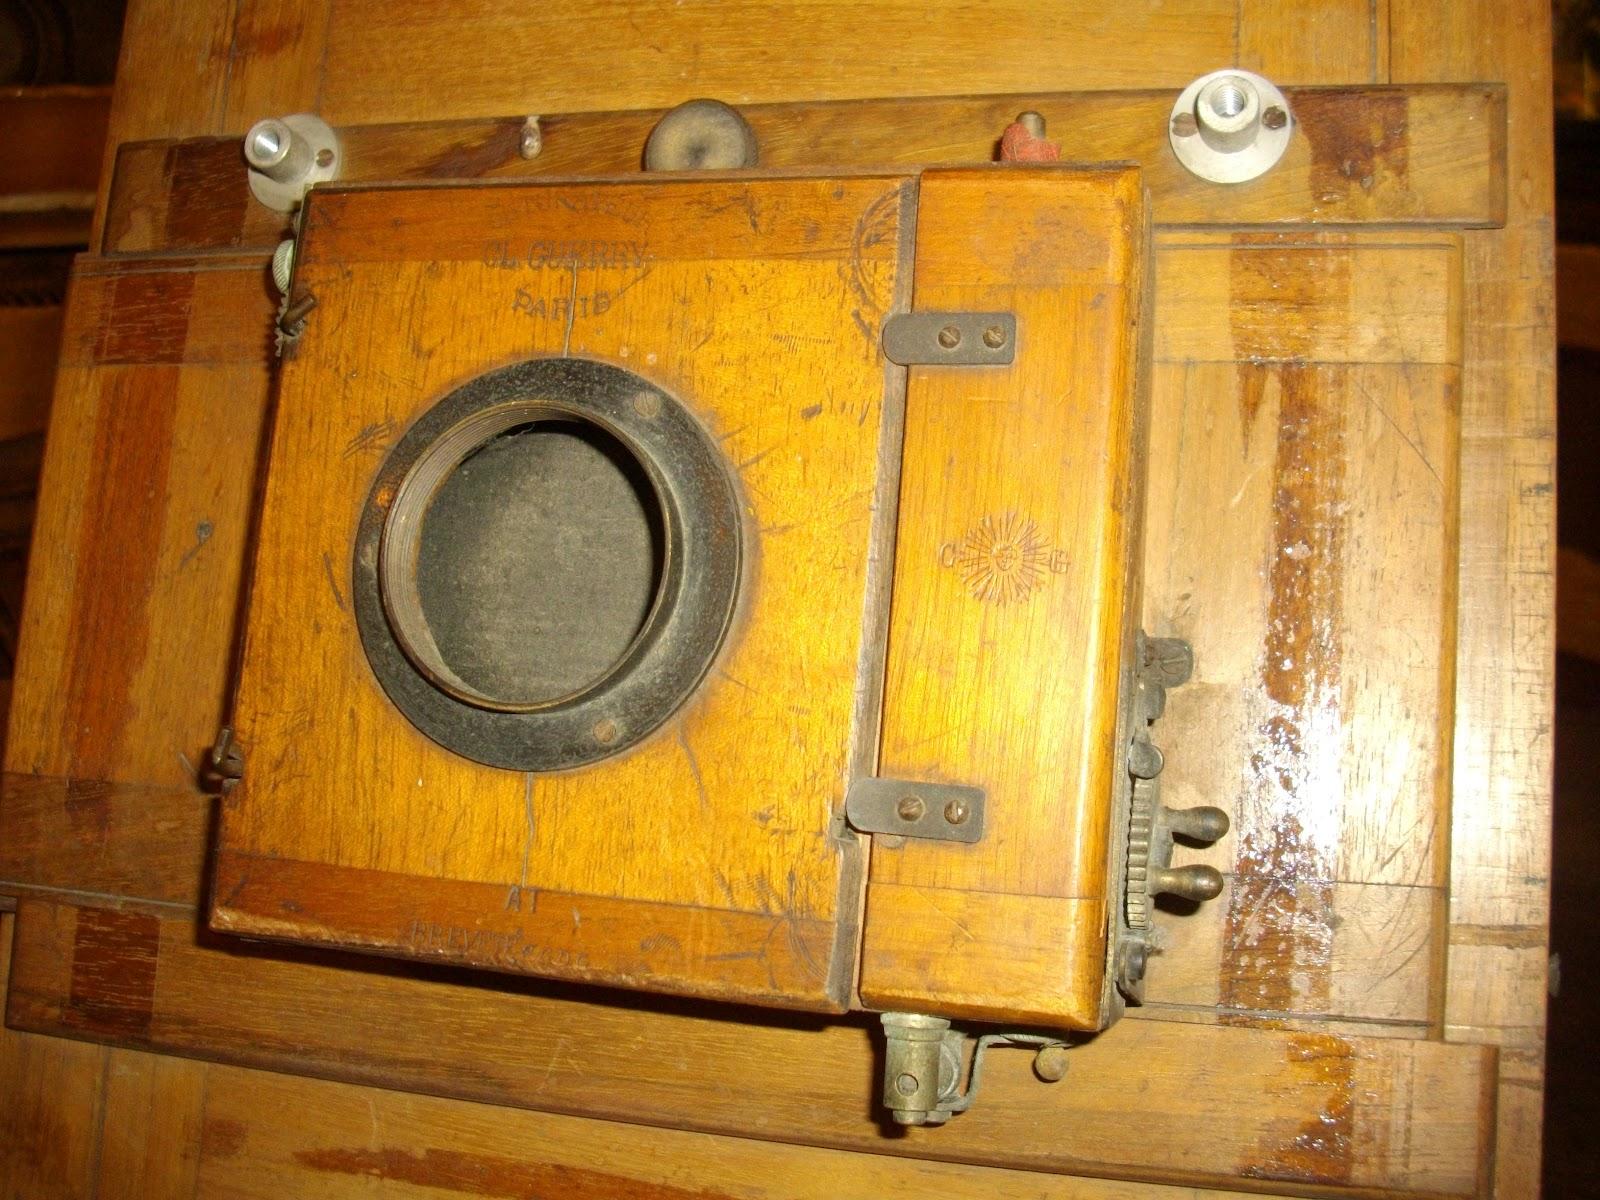 ancien appareil photo a soufflet bois chambre photographique obturateur guerry showroom. Black Bedroom Furniture Sets. Home Design Ideas